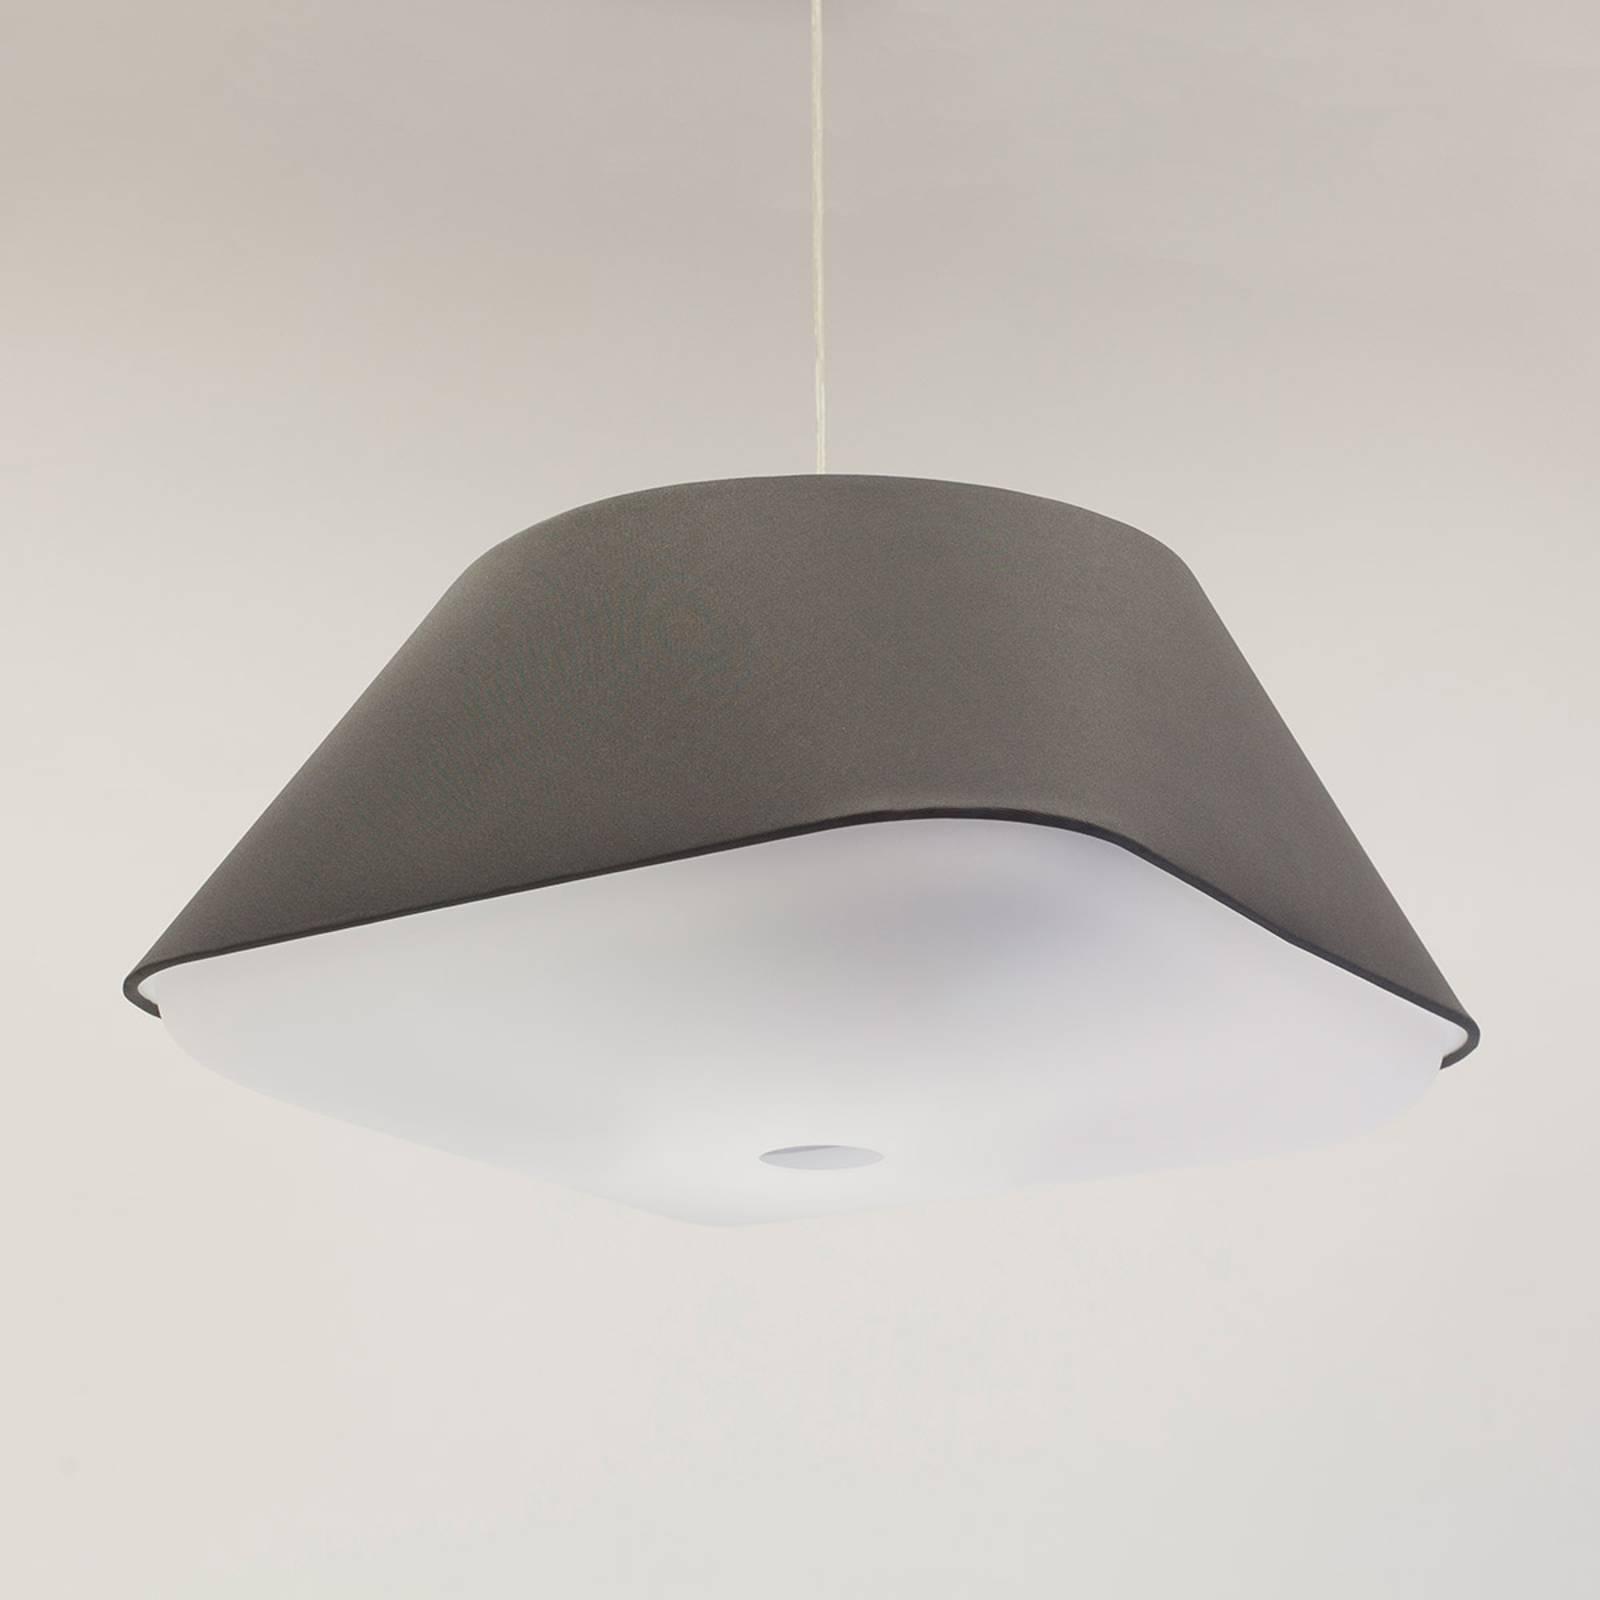 Innermost RD2SQ 60 - lampa wisząca, ciemnoszara